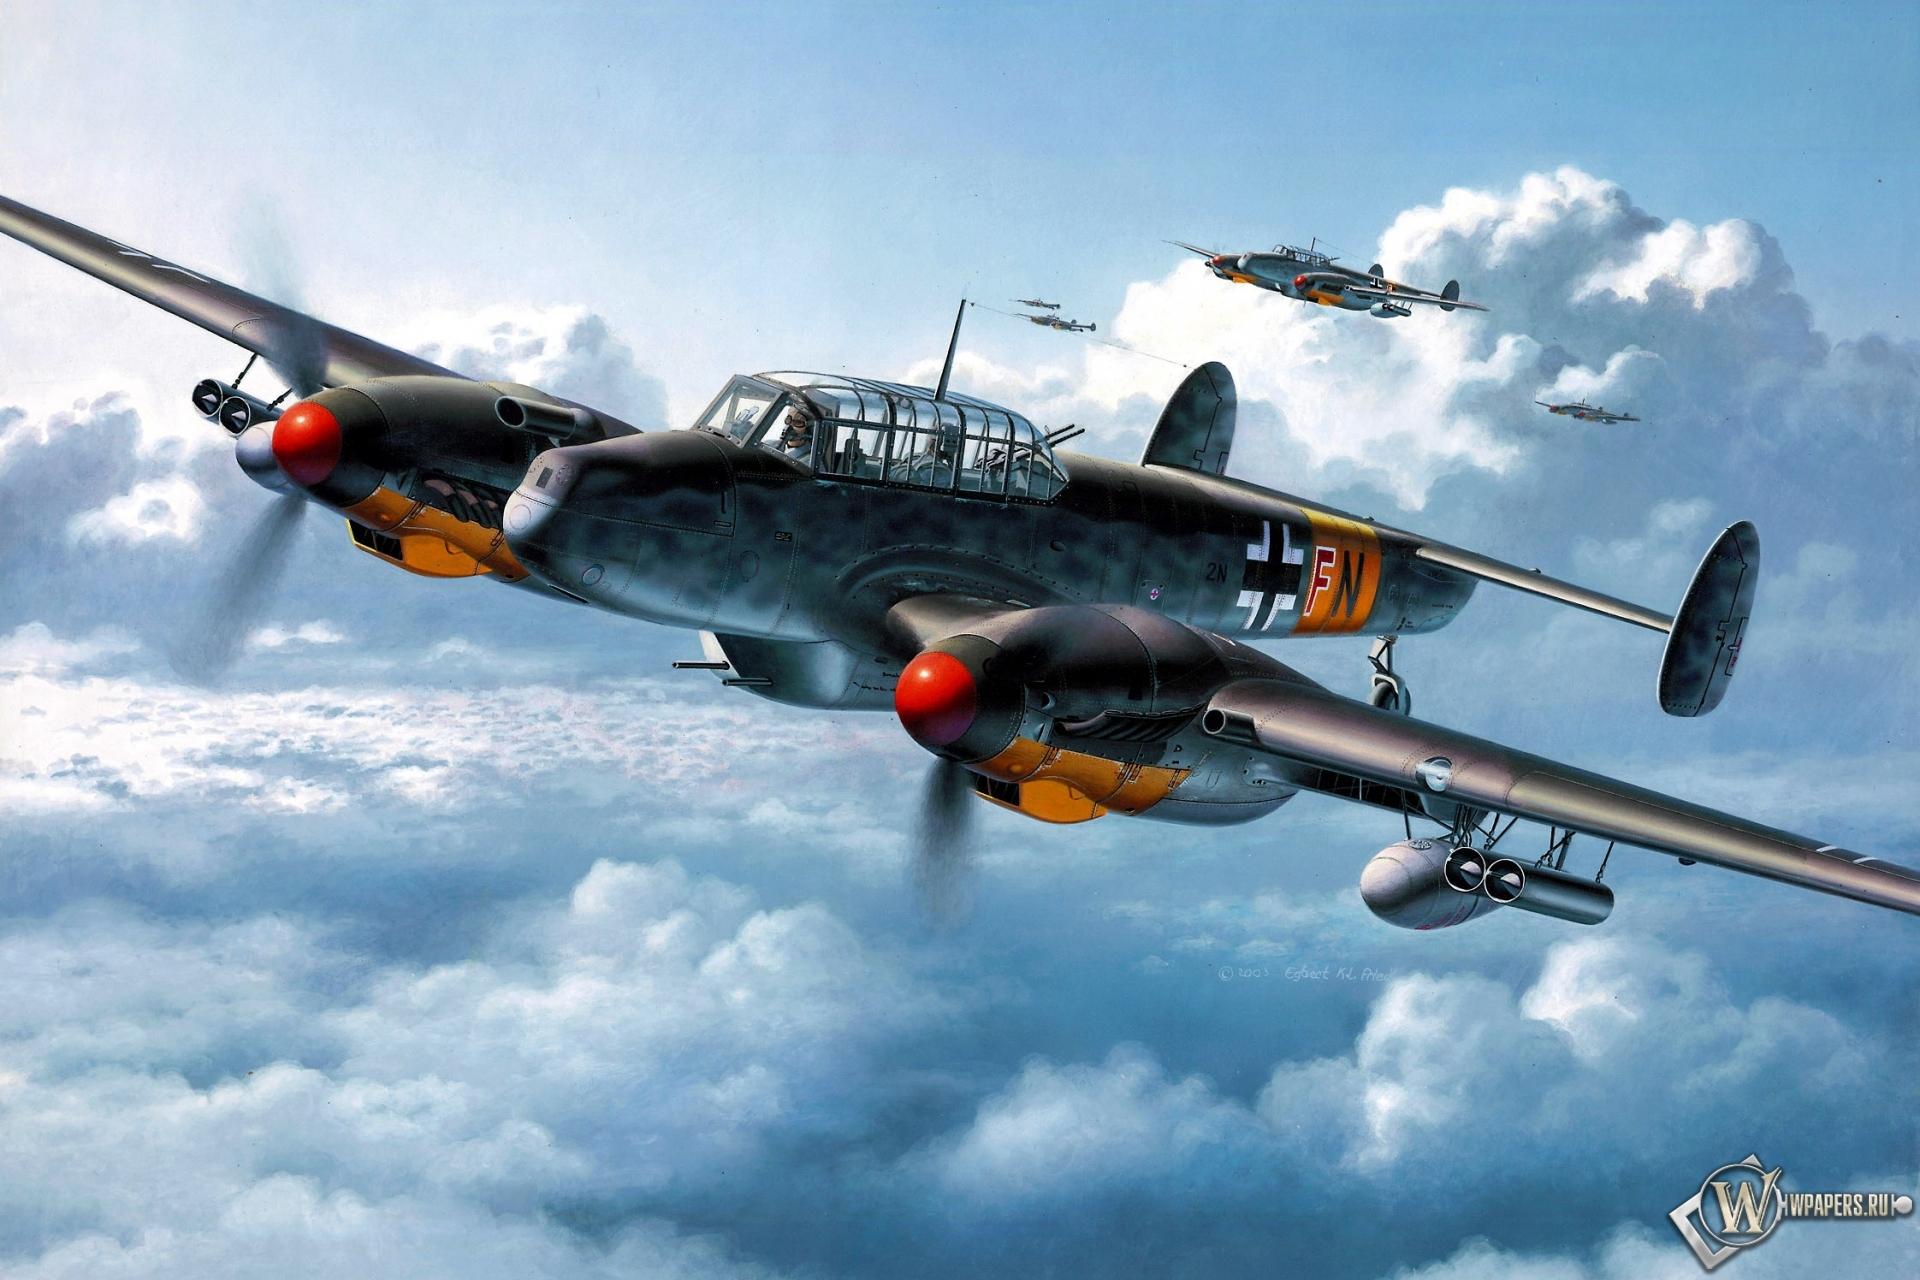 1920x1280_Messerschmitt-Bf-110.jpg